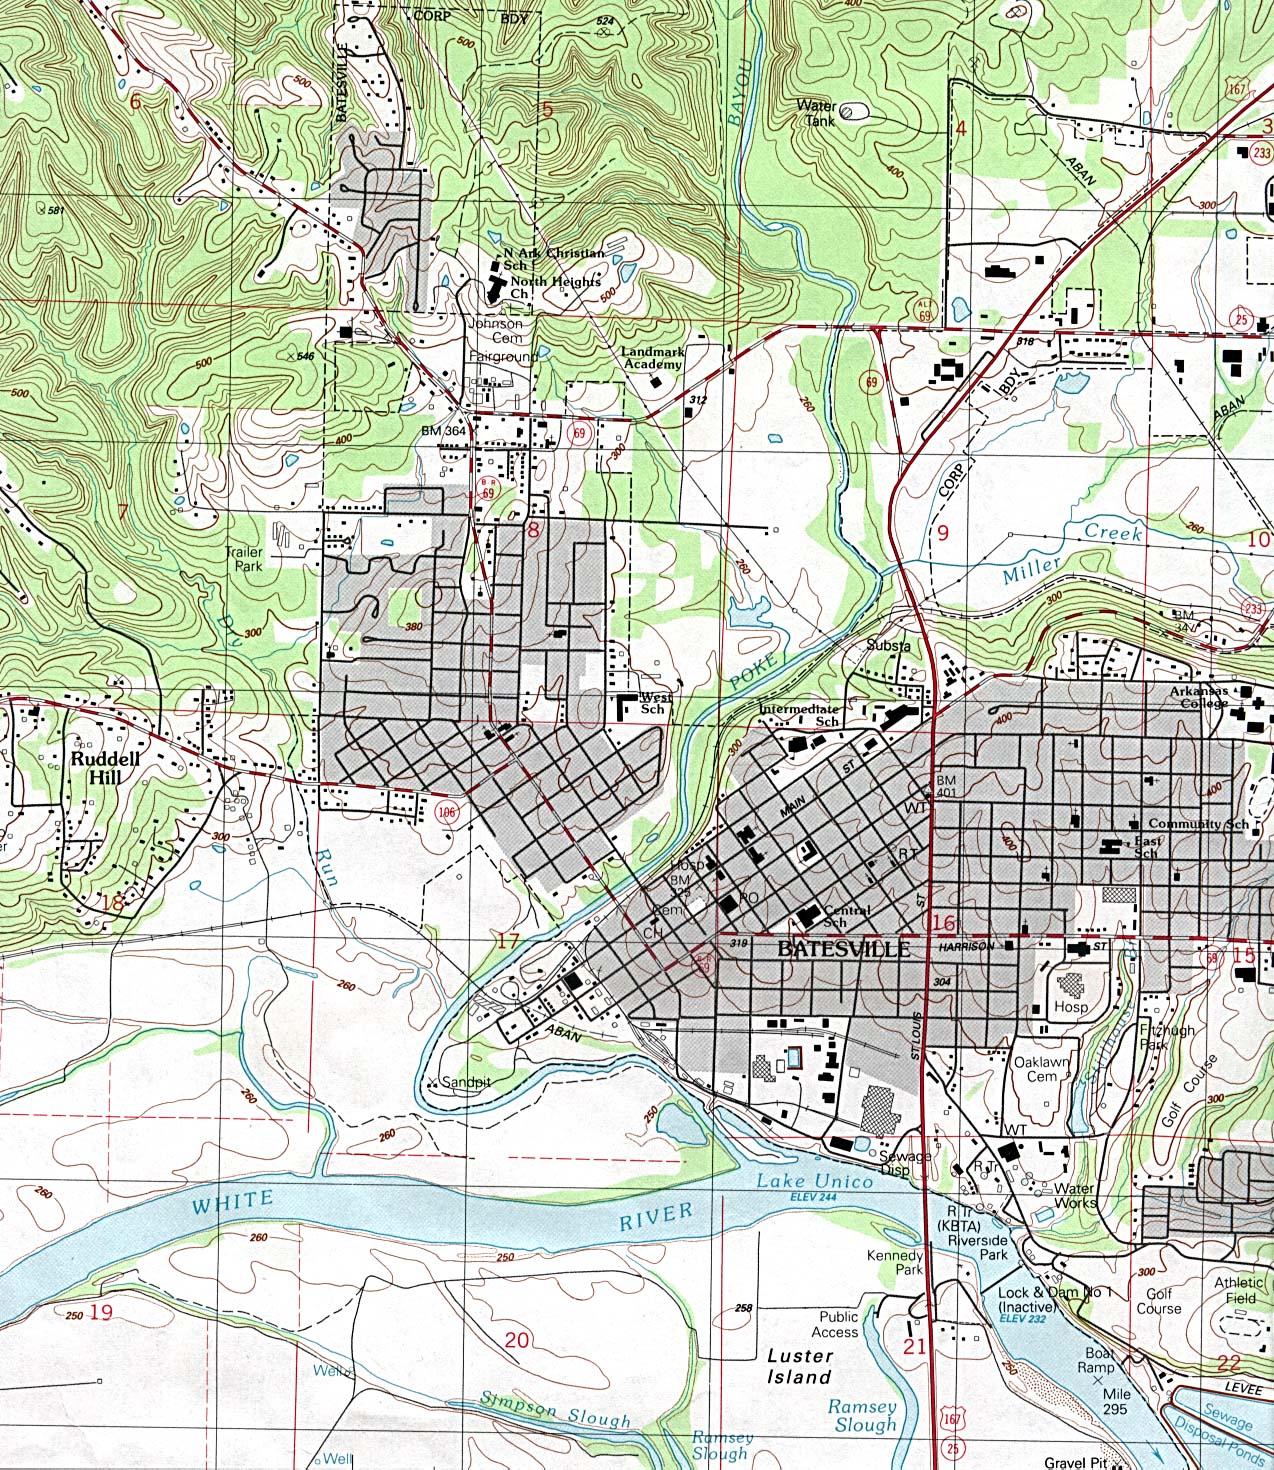 Mapa Topográfico de la Ciudad de Batesville, Arkansas, Estados Unidos